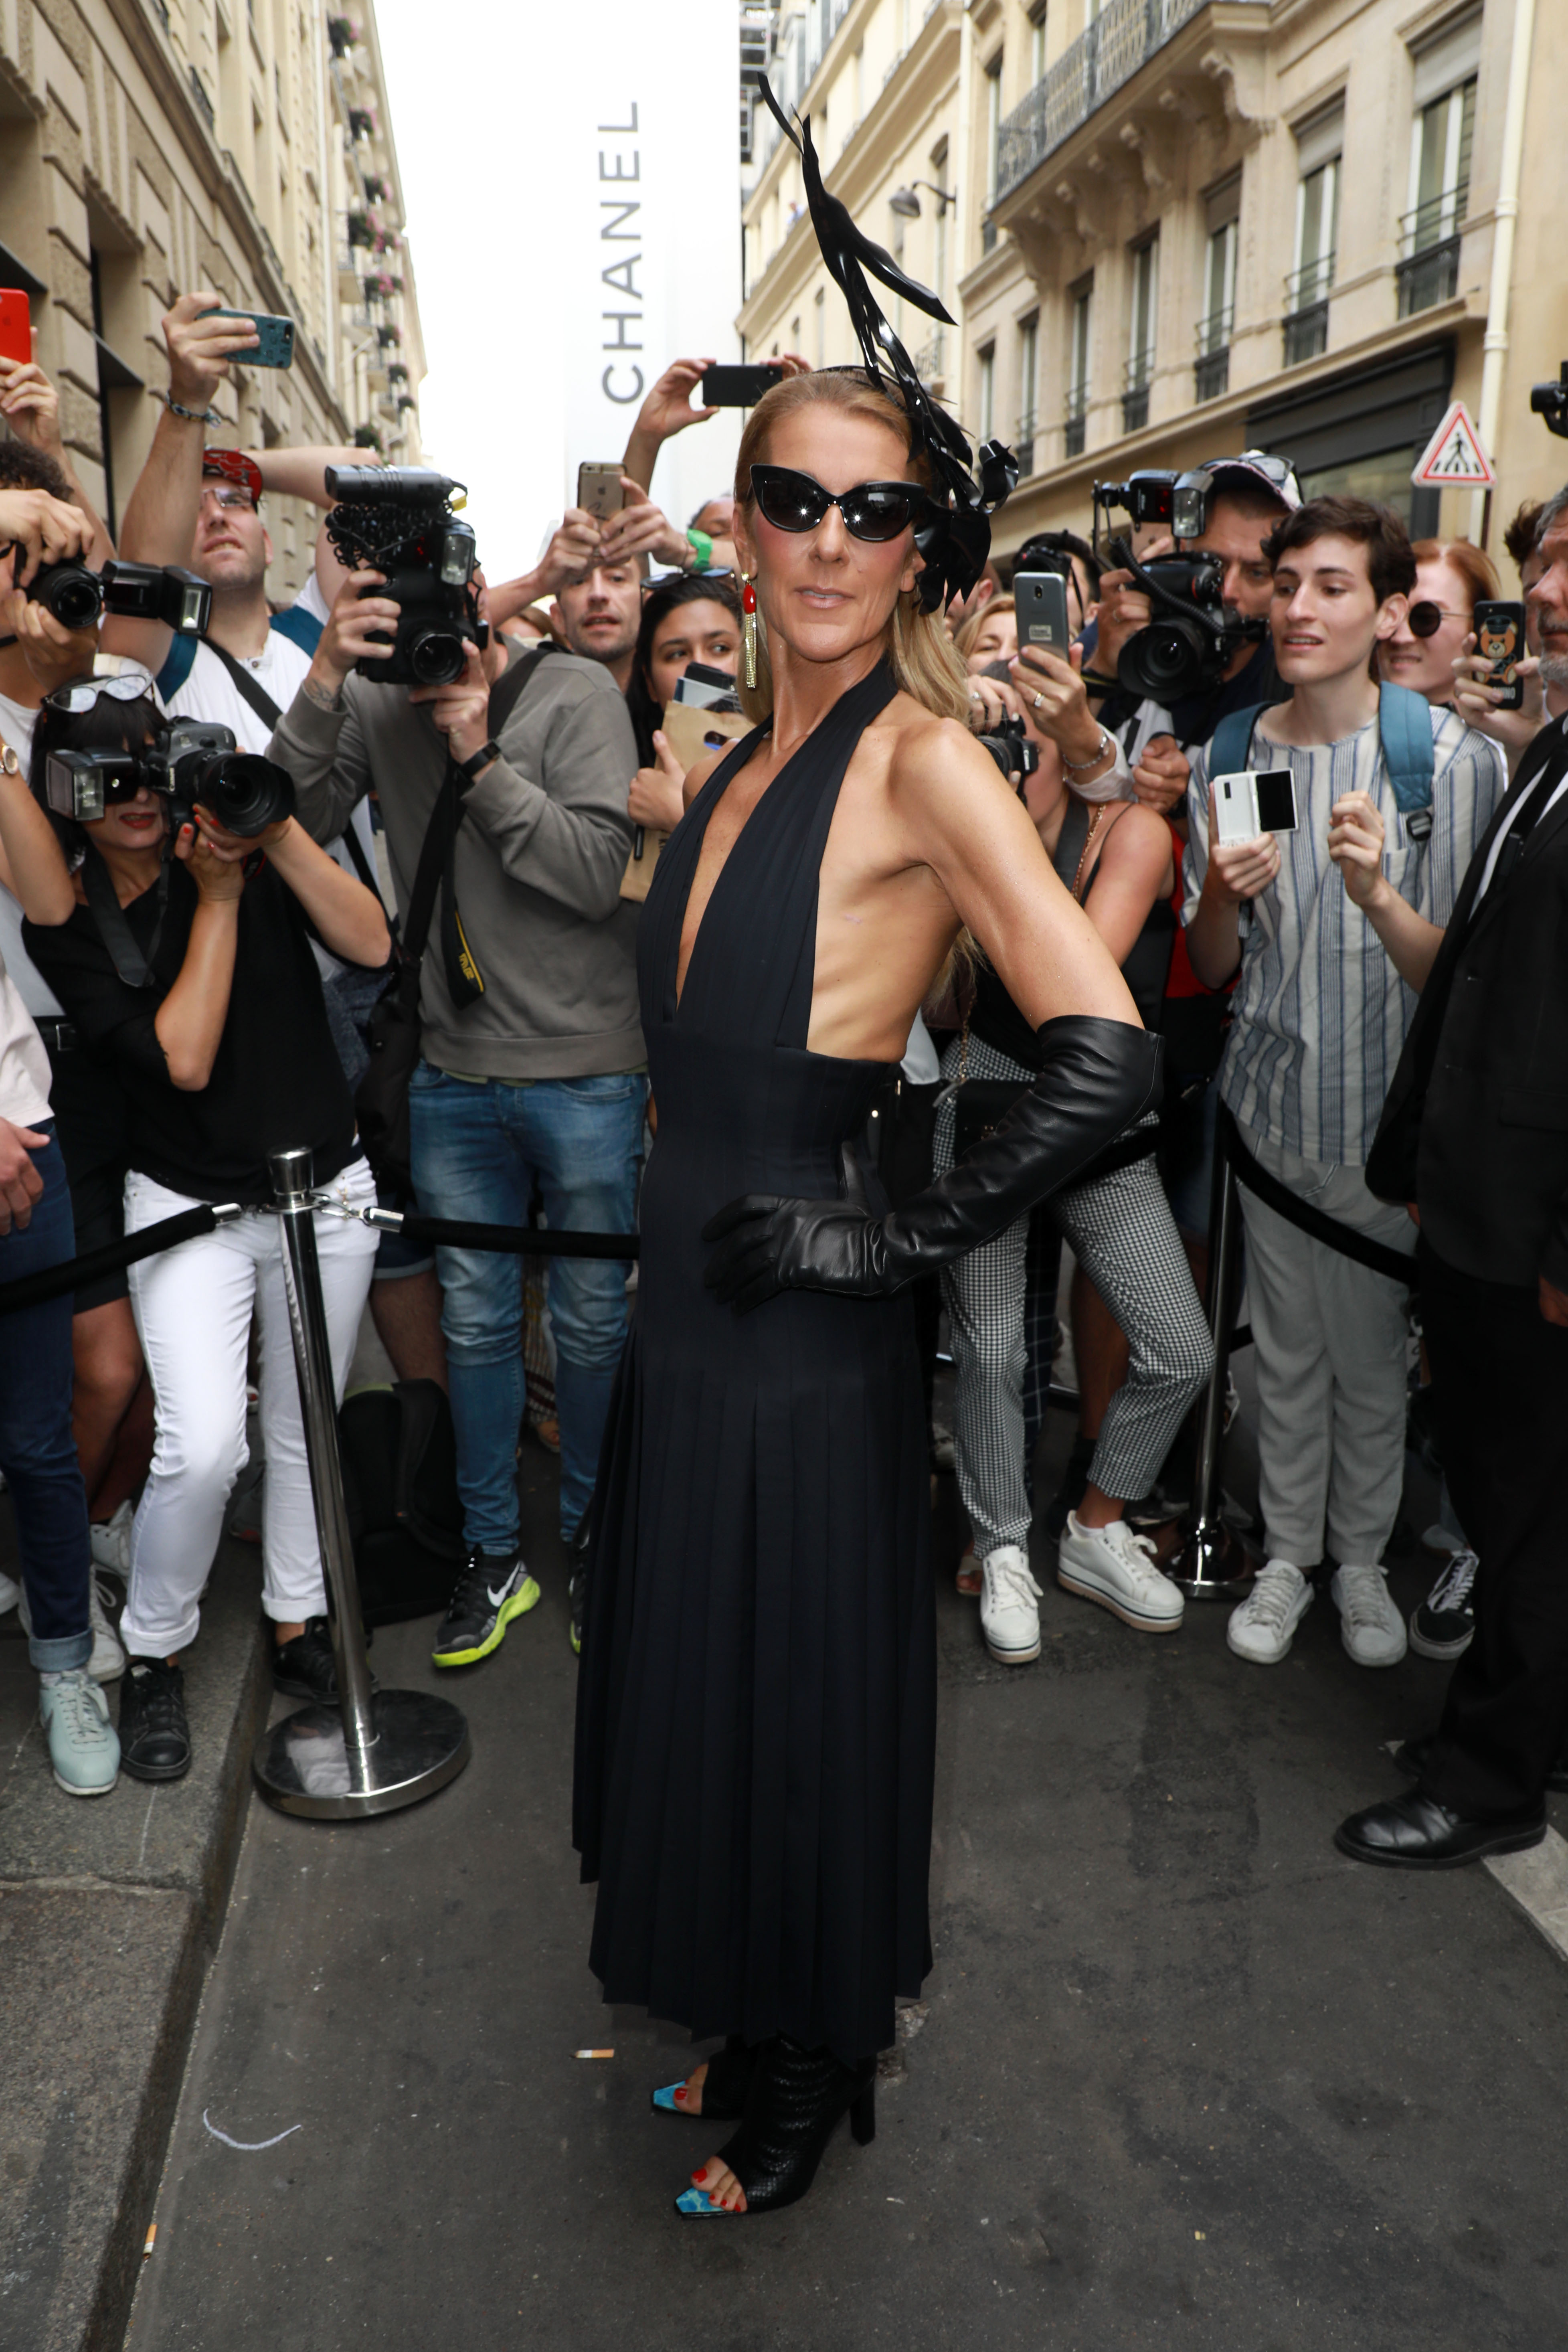 Schiaparelli На шоуто на Schiaparelli звездата се появи в класическа черна рокля на плисета, допълнена от кожени ръкавици и фантастична шапка от Стивън Джоунс.